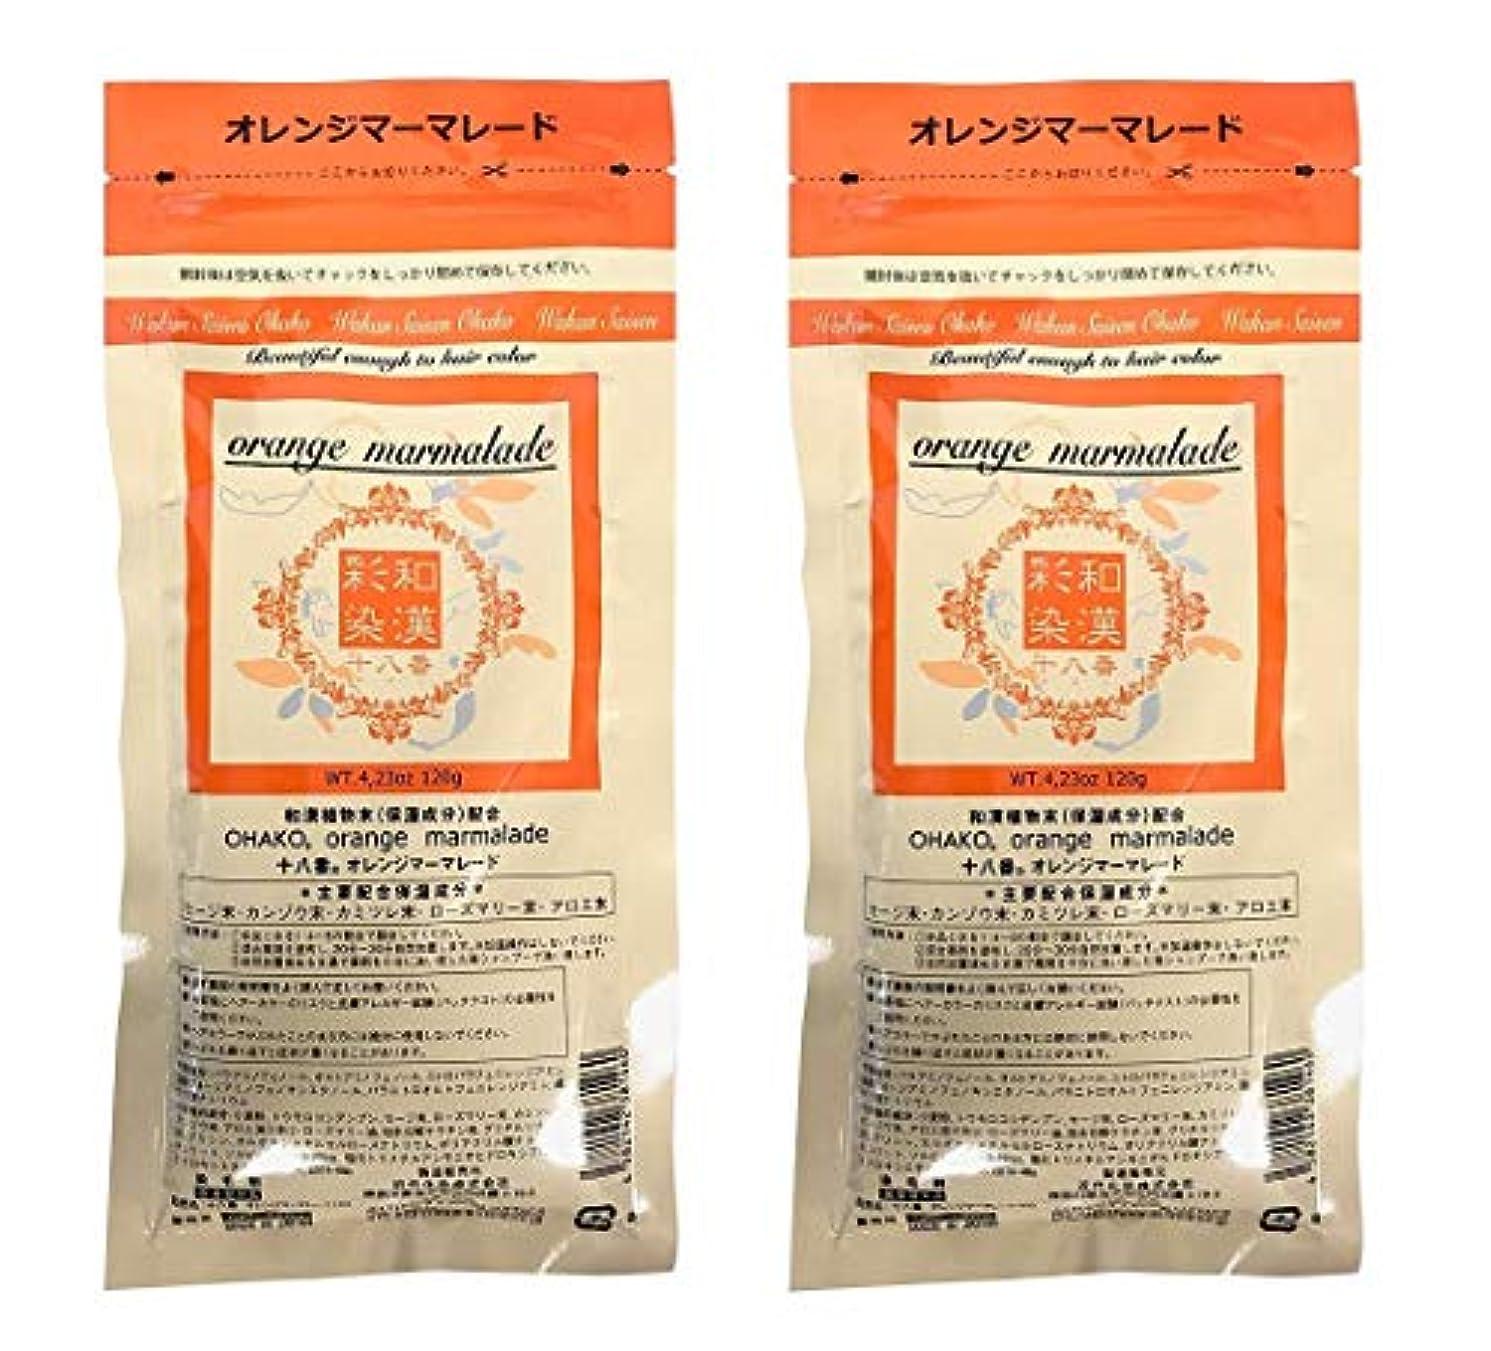 嫌なボリューム逮捕【2個セット】グランデックス 和漢彩染 十八番 120g オレンジママーレード